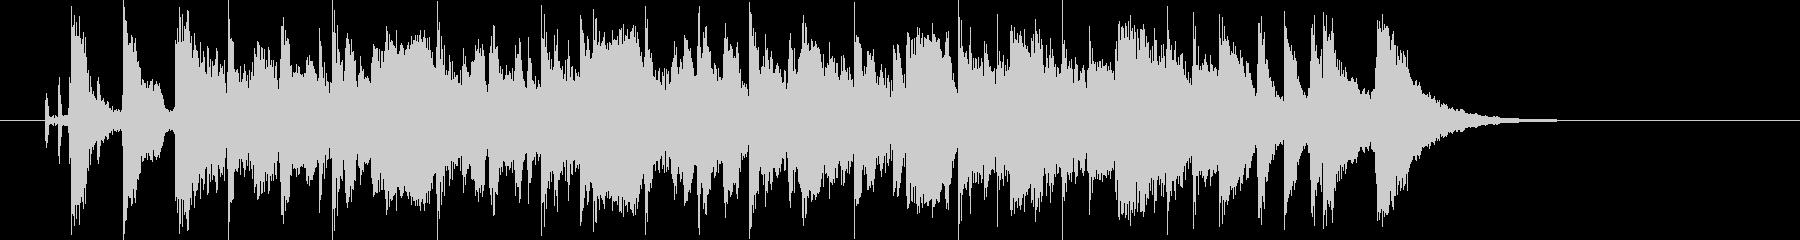 広がりのあるポップな曲の未再生の波形